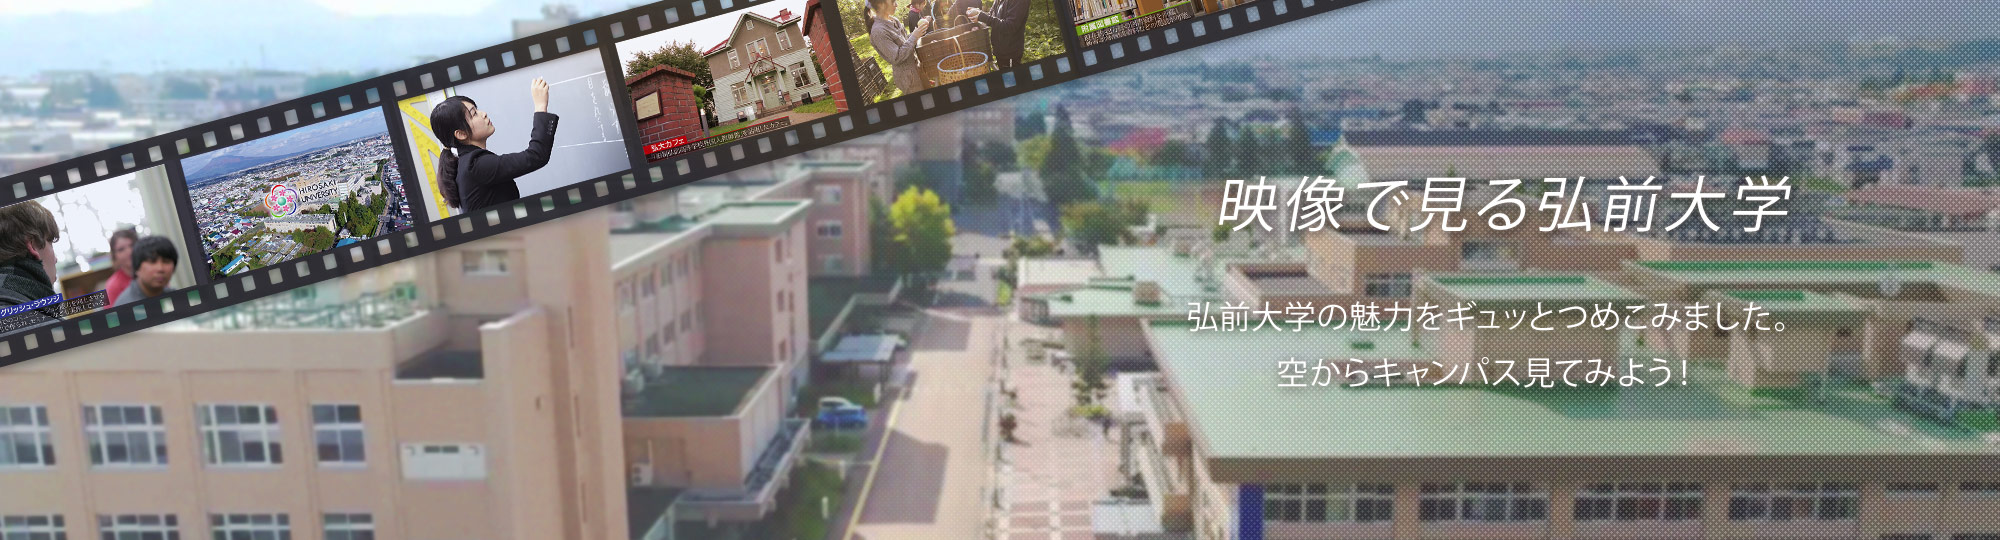 映像で見る弘前大学